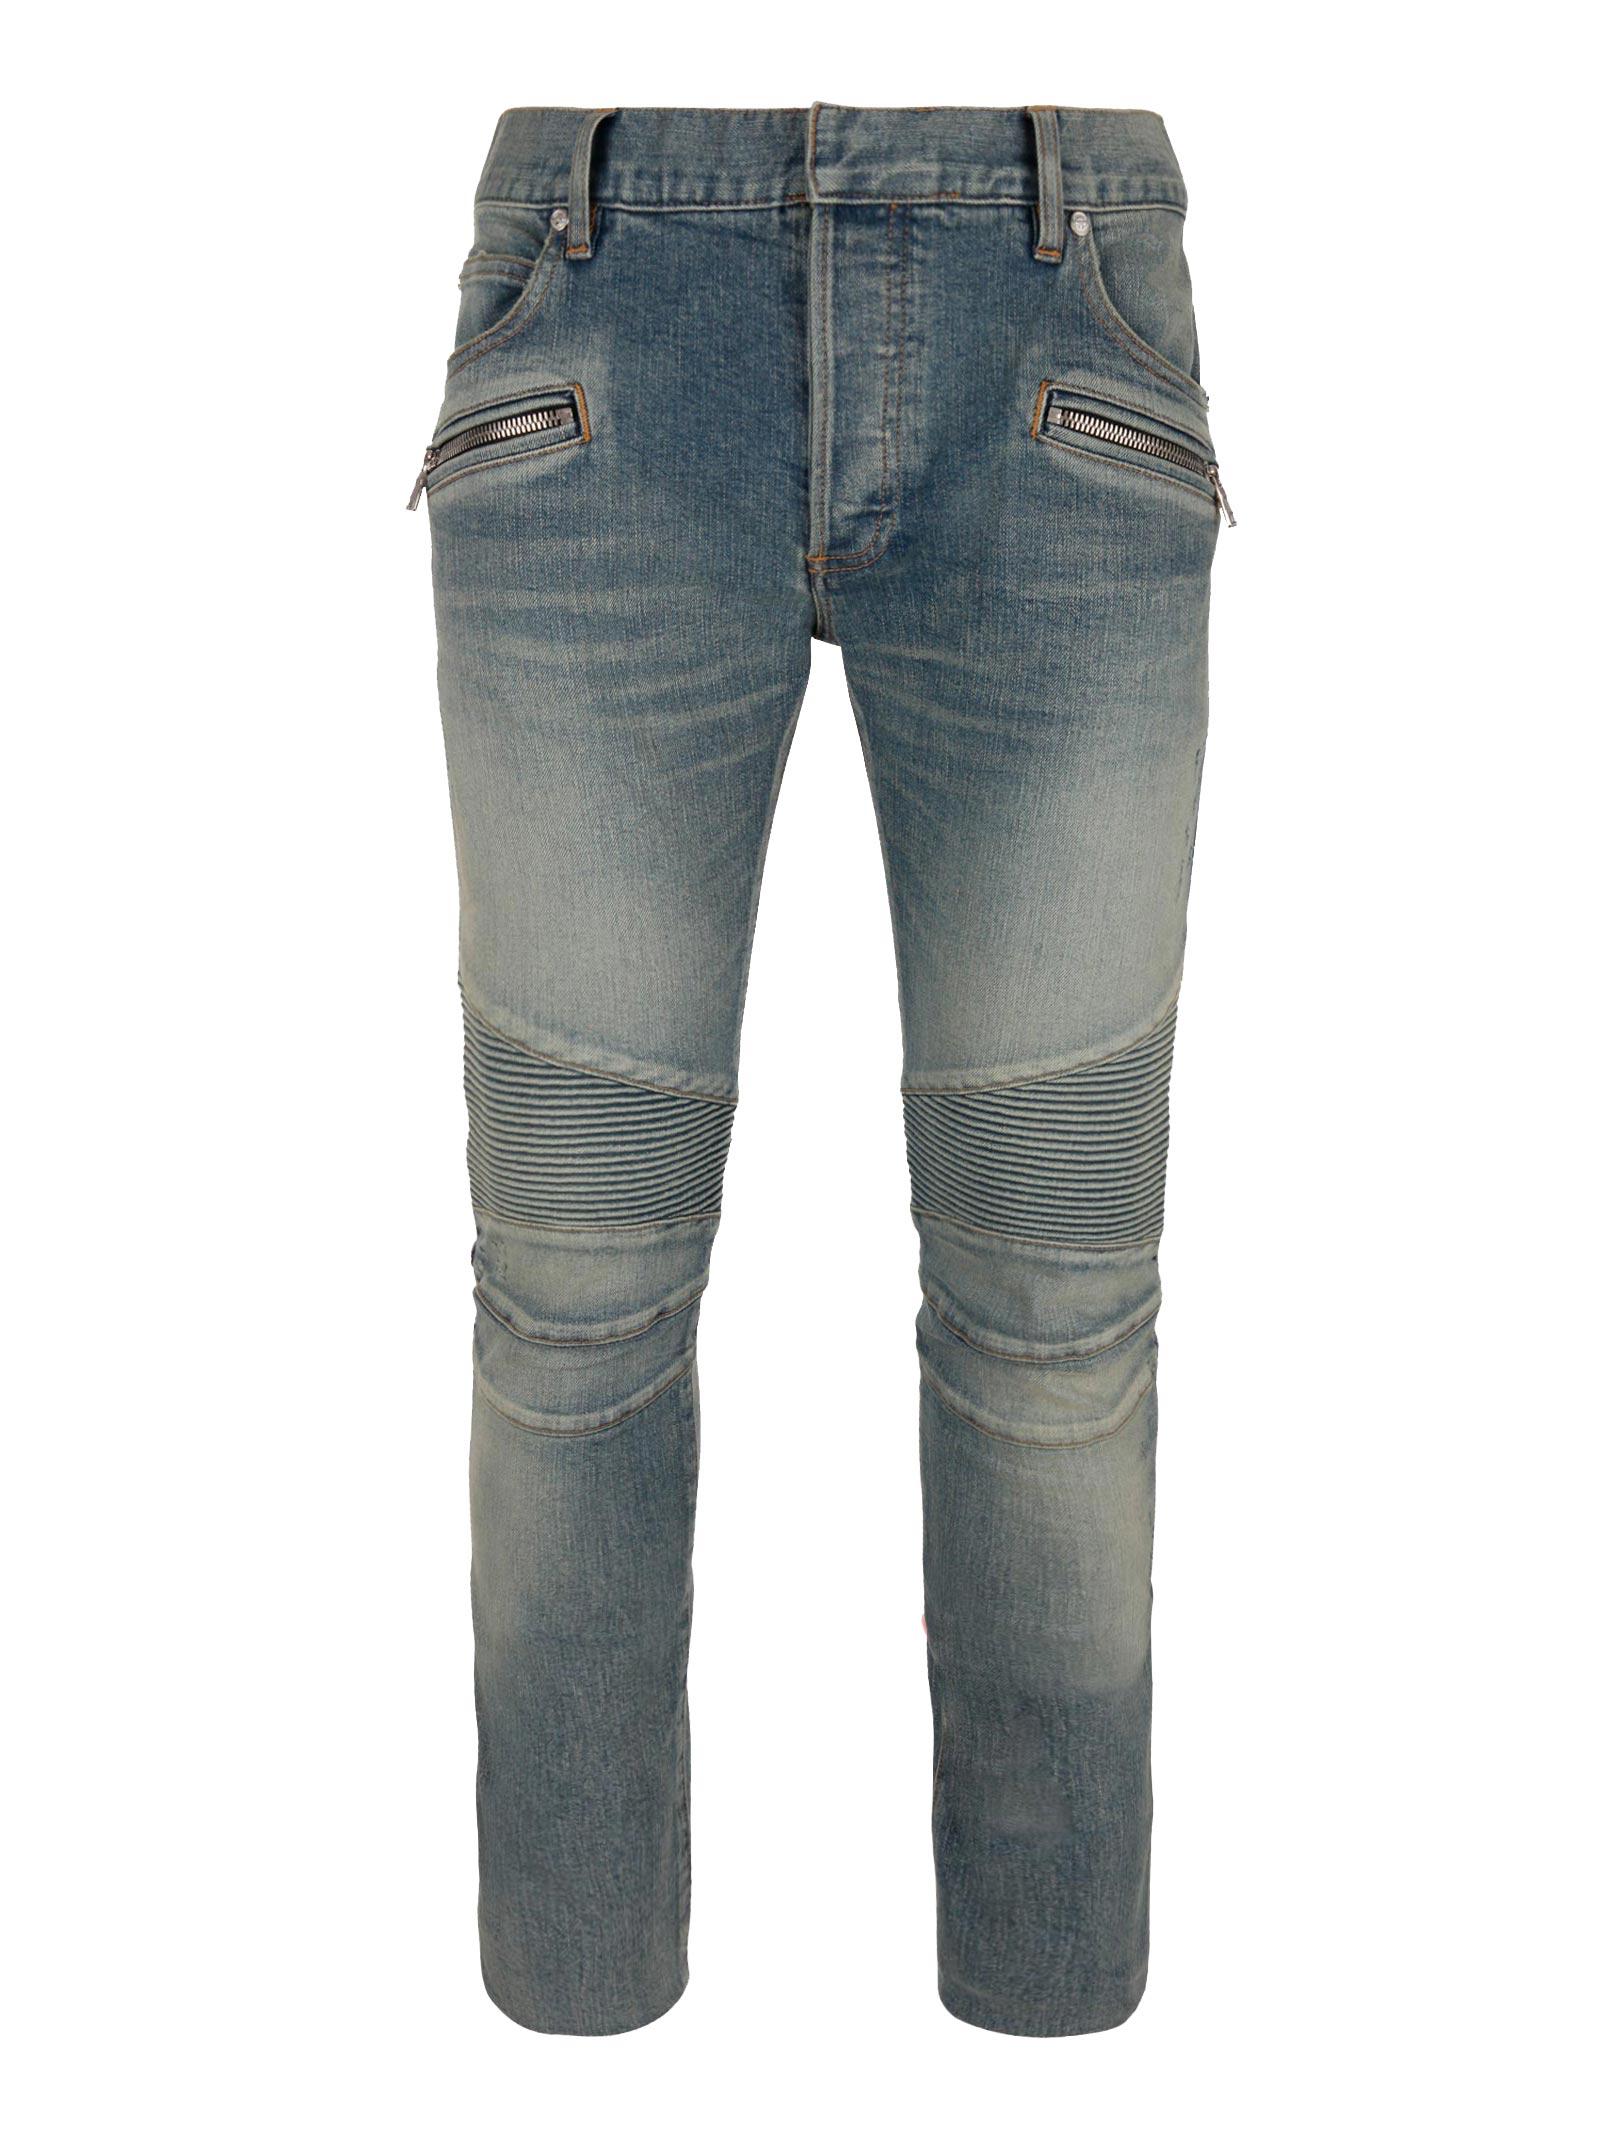 4016074f7d Balmain Paris jeans